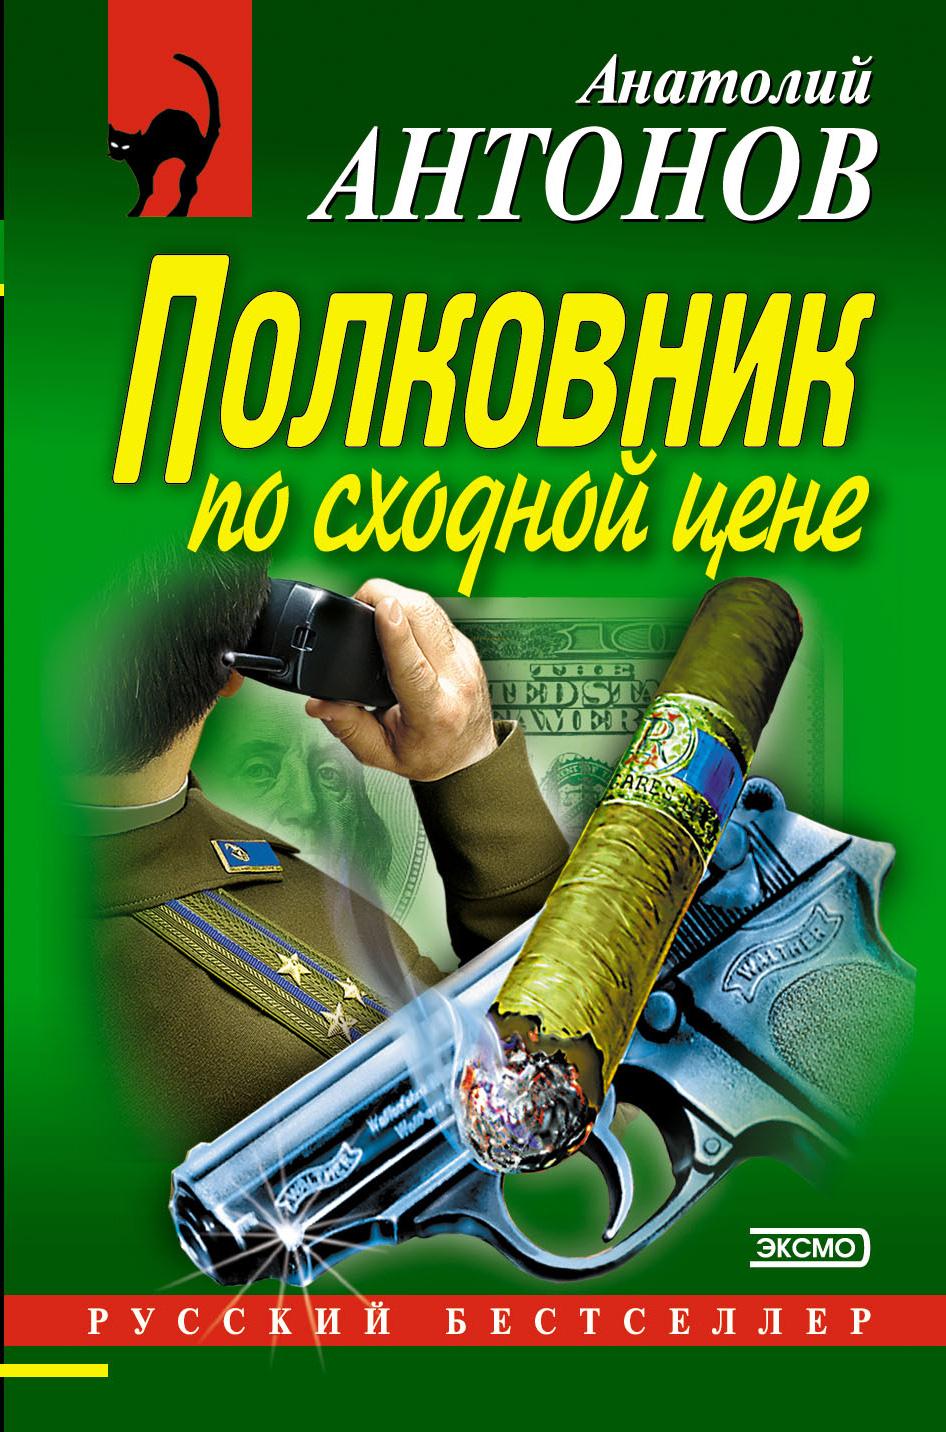 Анатолий Антонов Полковник по сходной цене херман серго vihavald